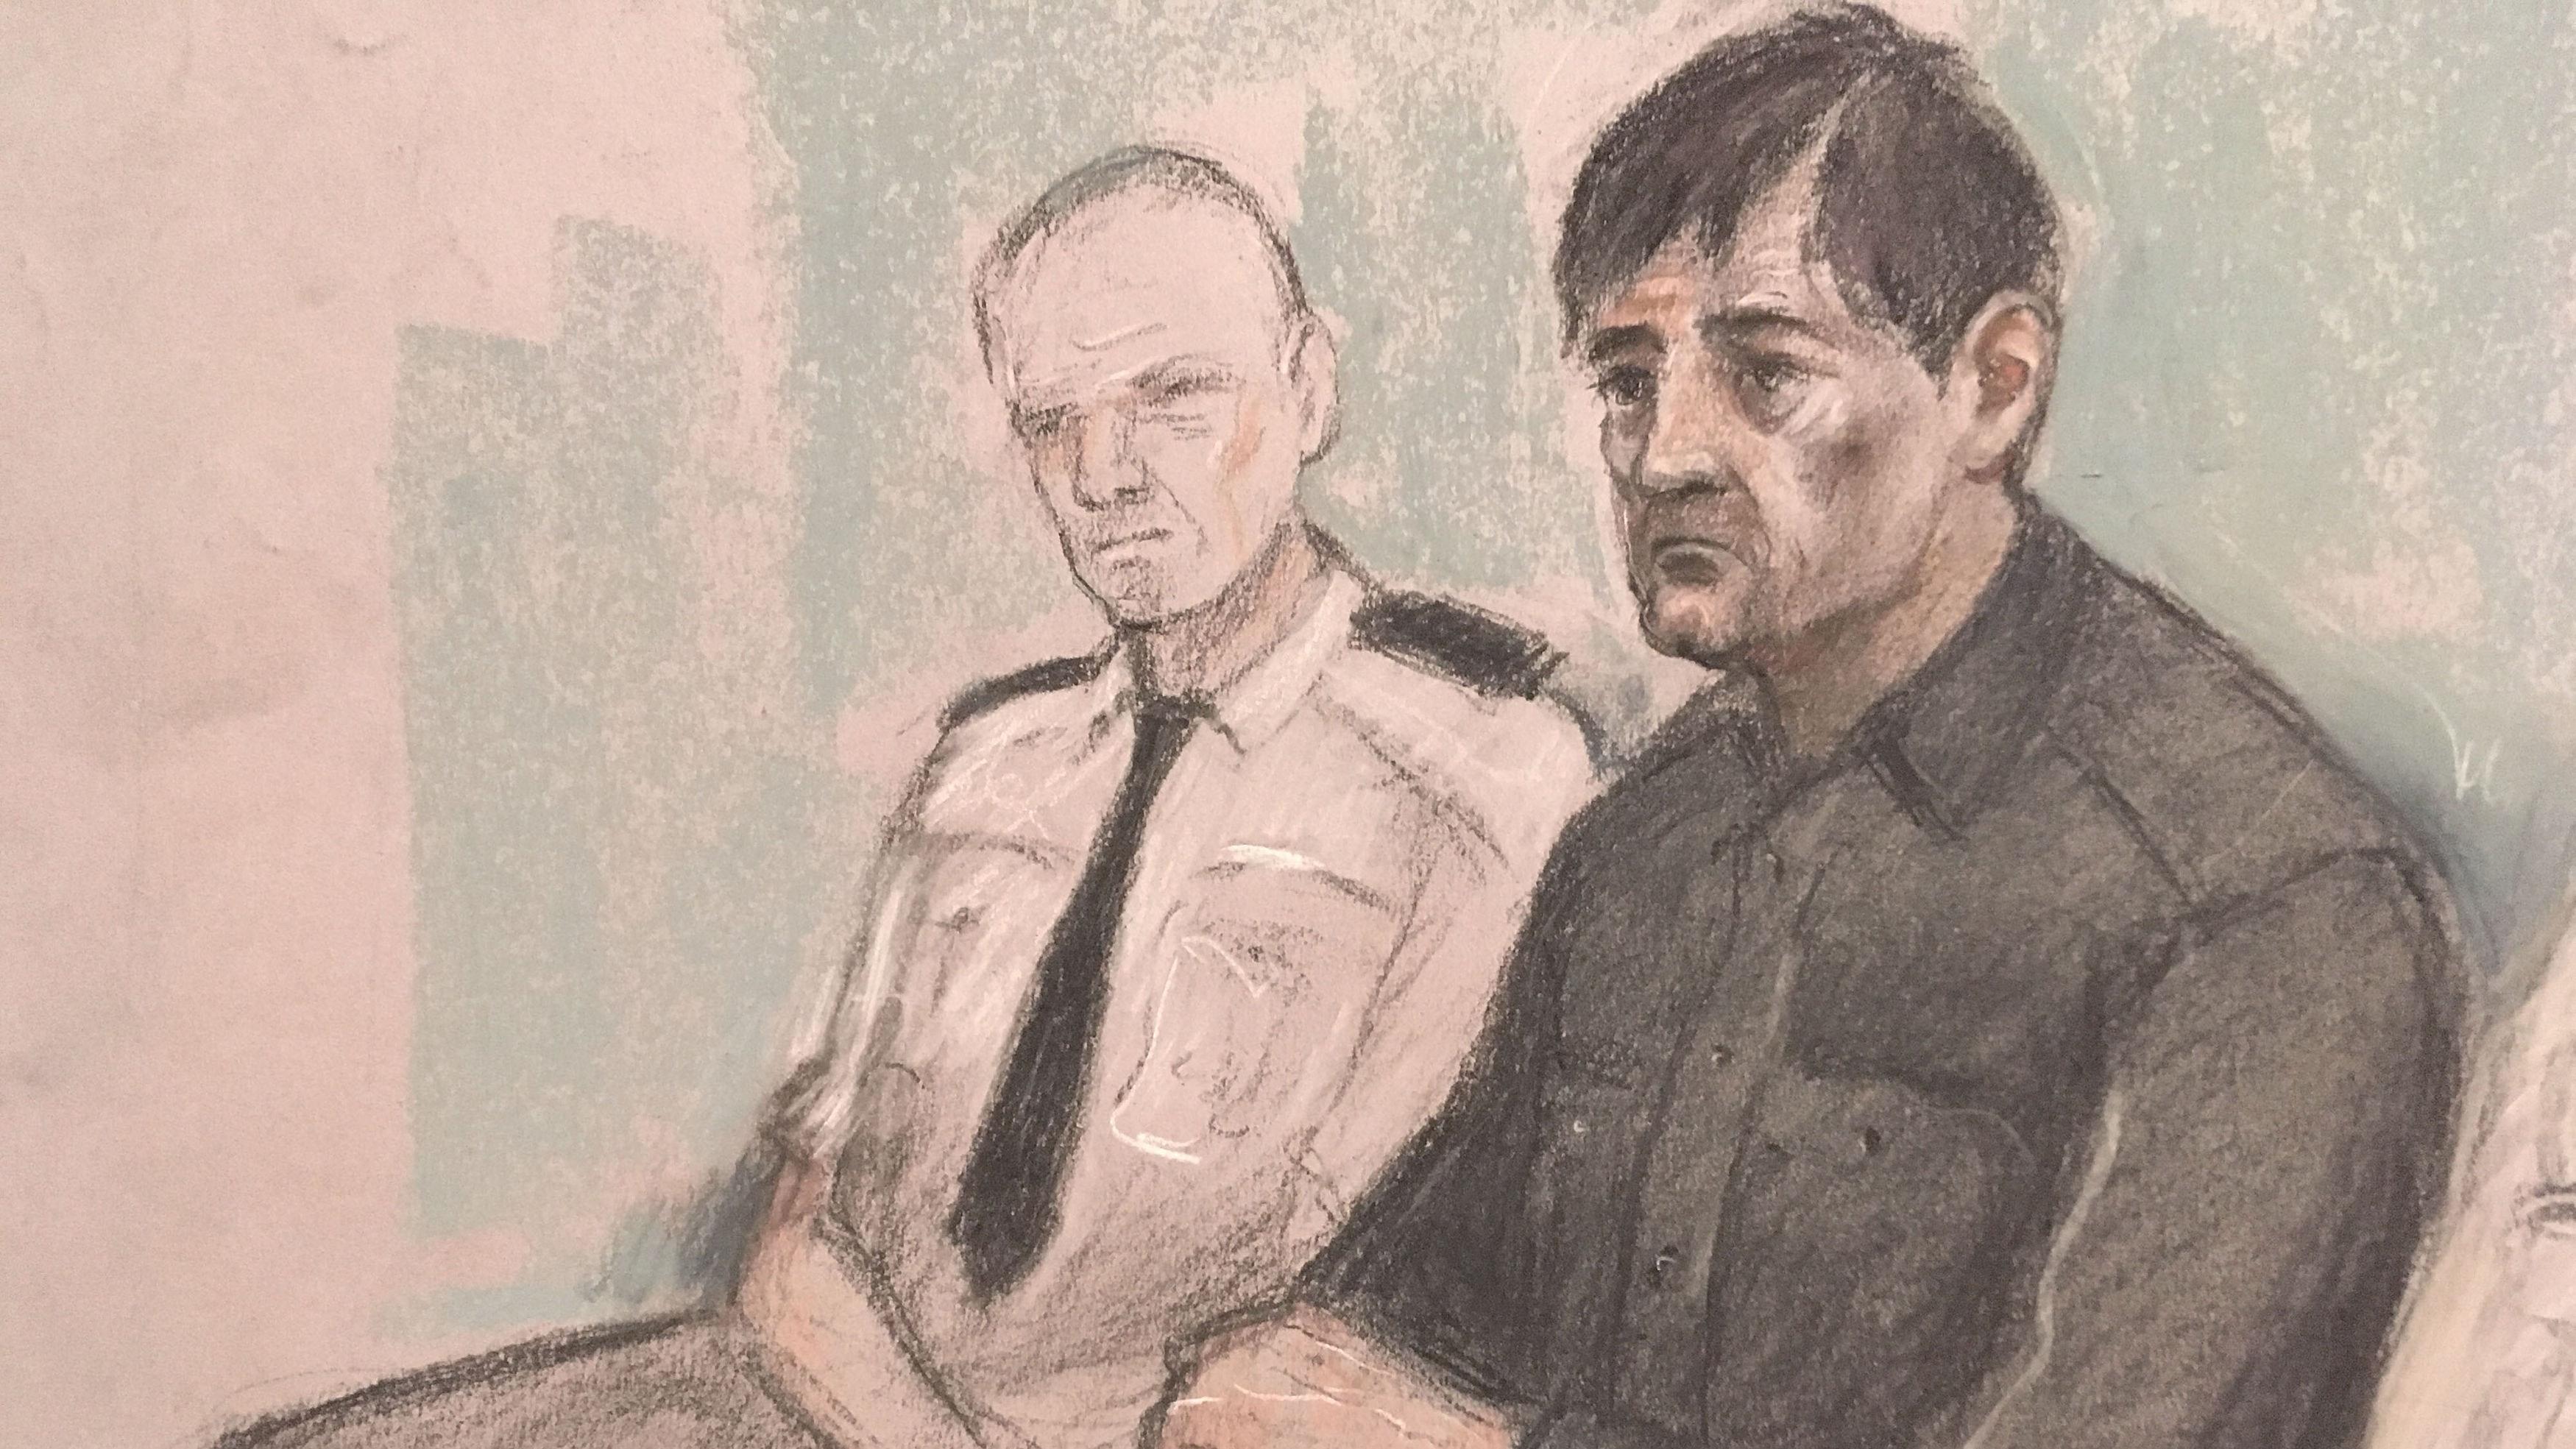 Finsbury Park terror suspect 'originally wanted to kill Jeremy Corbyn'